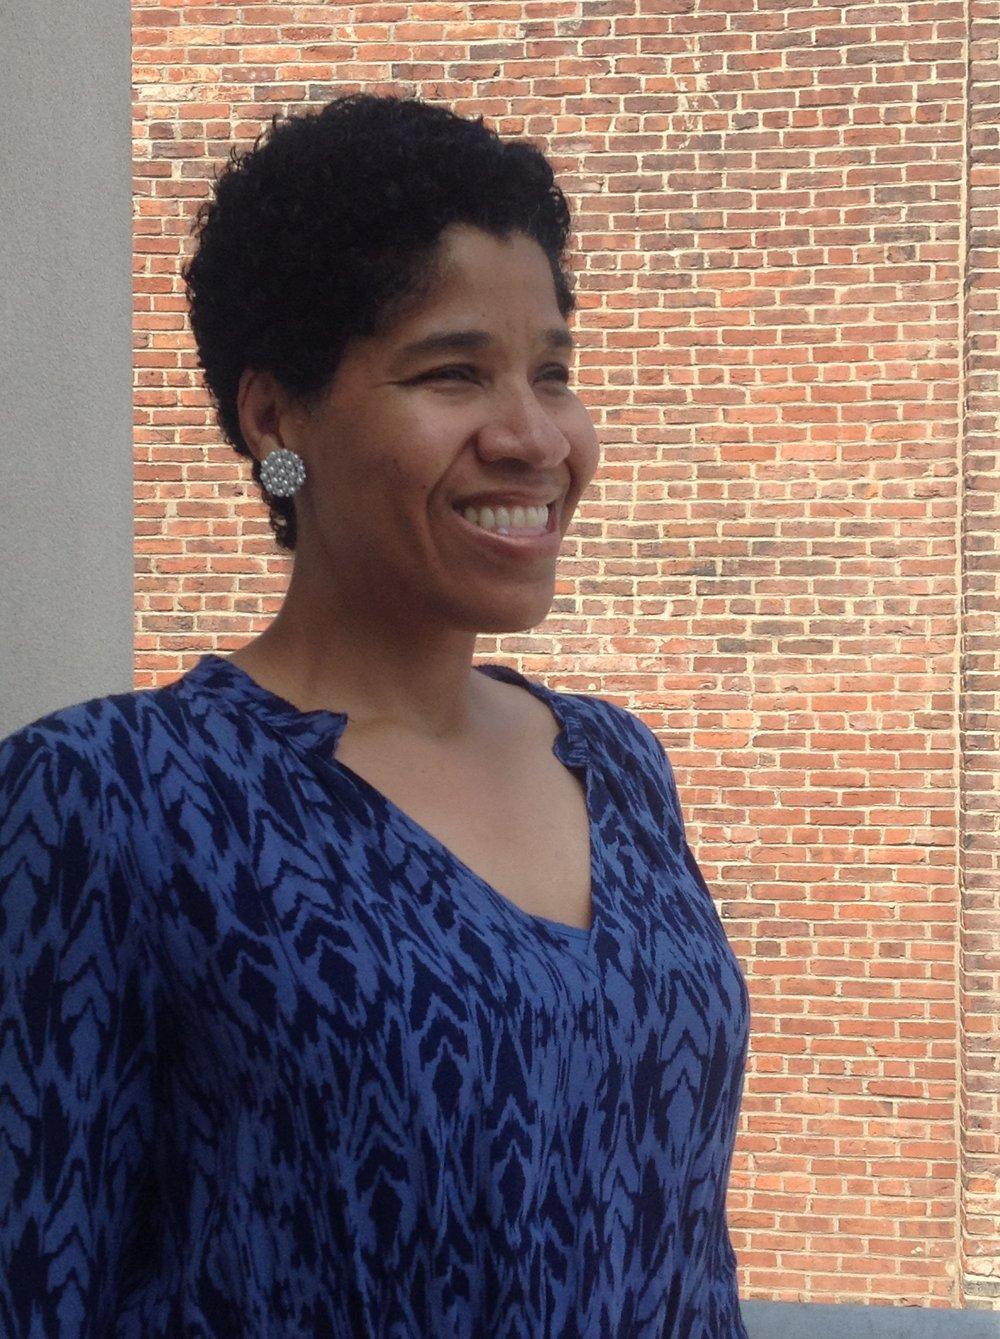 Toni Sears - toni.cardell@uky.edu